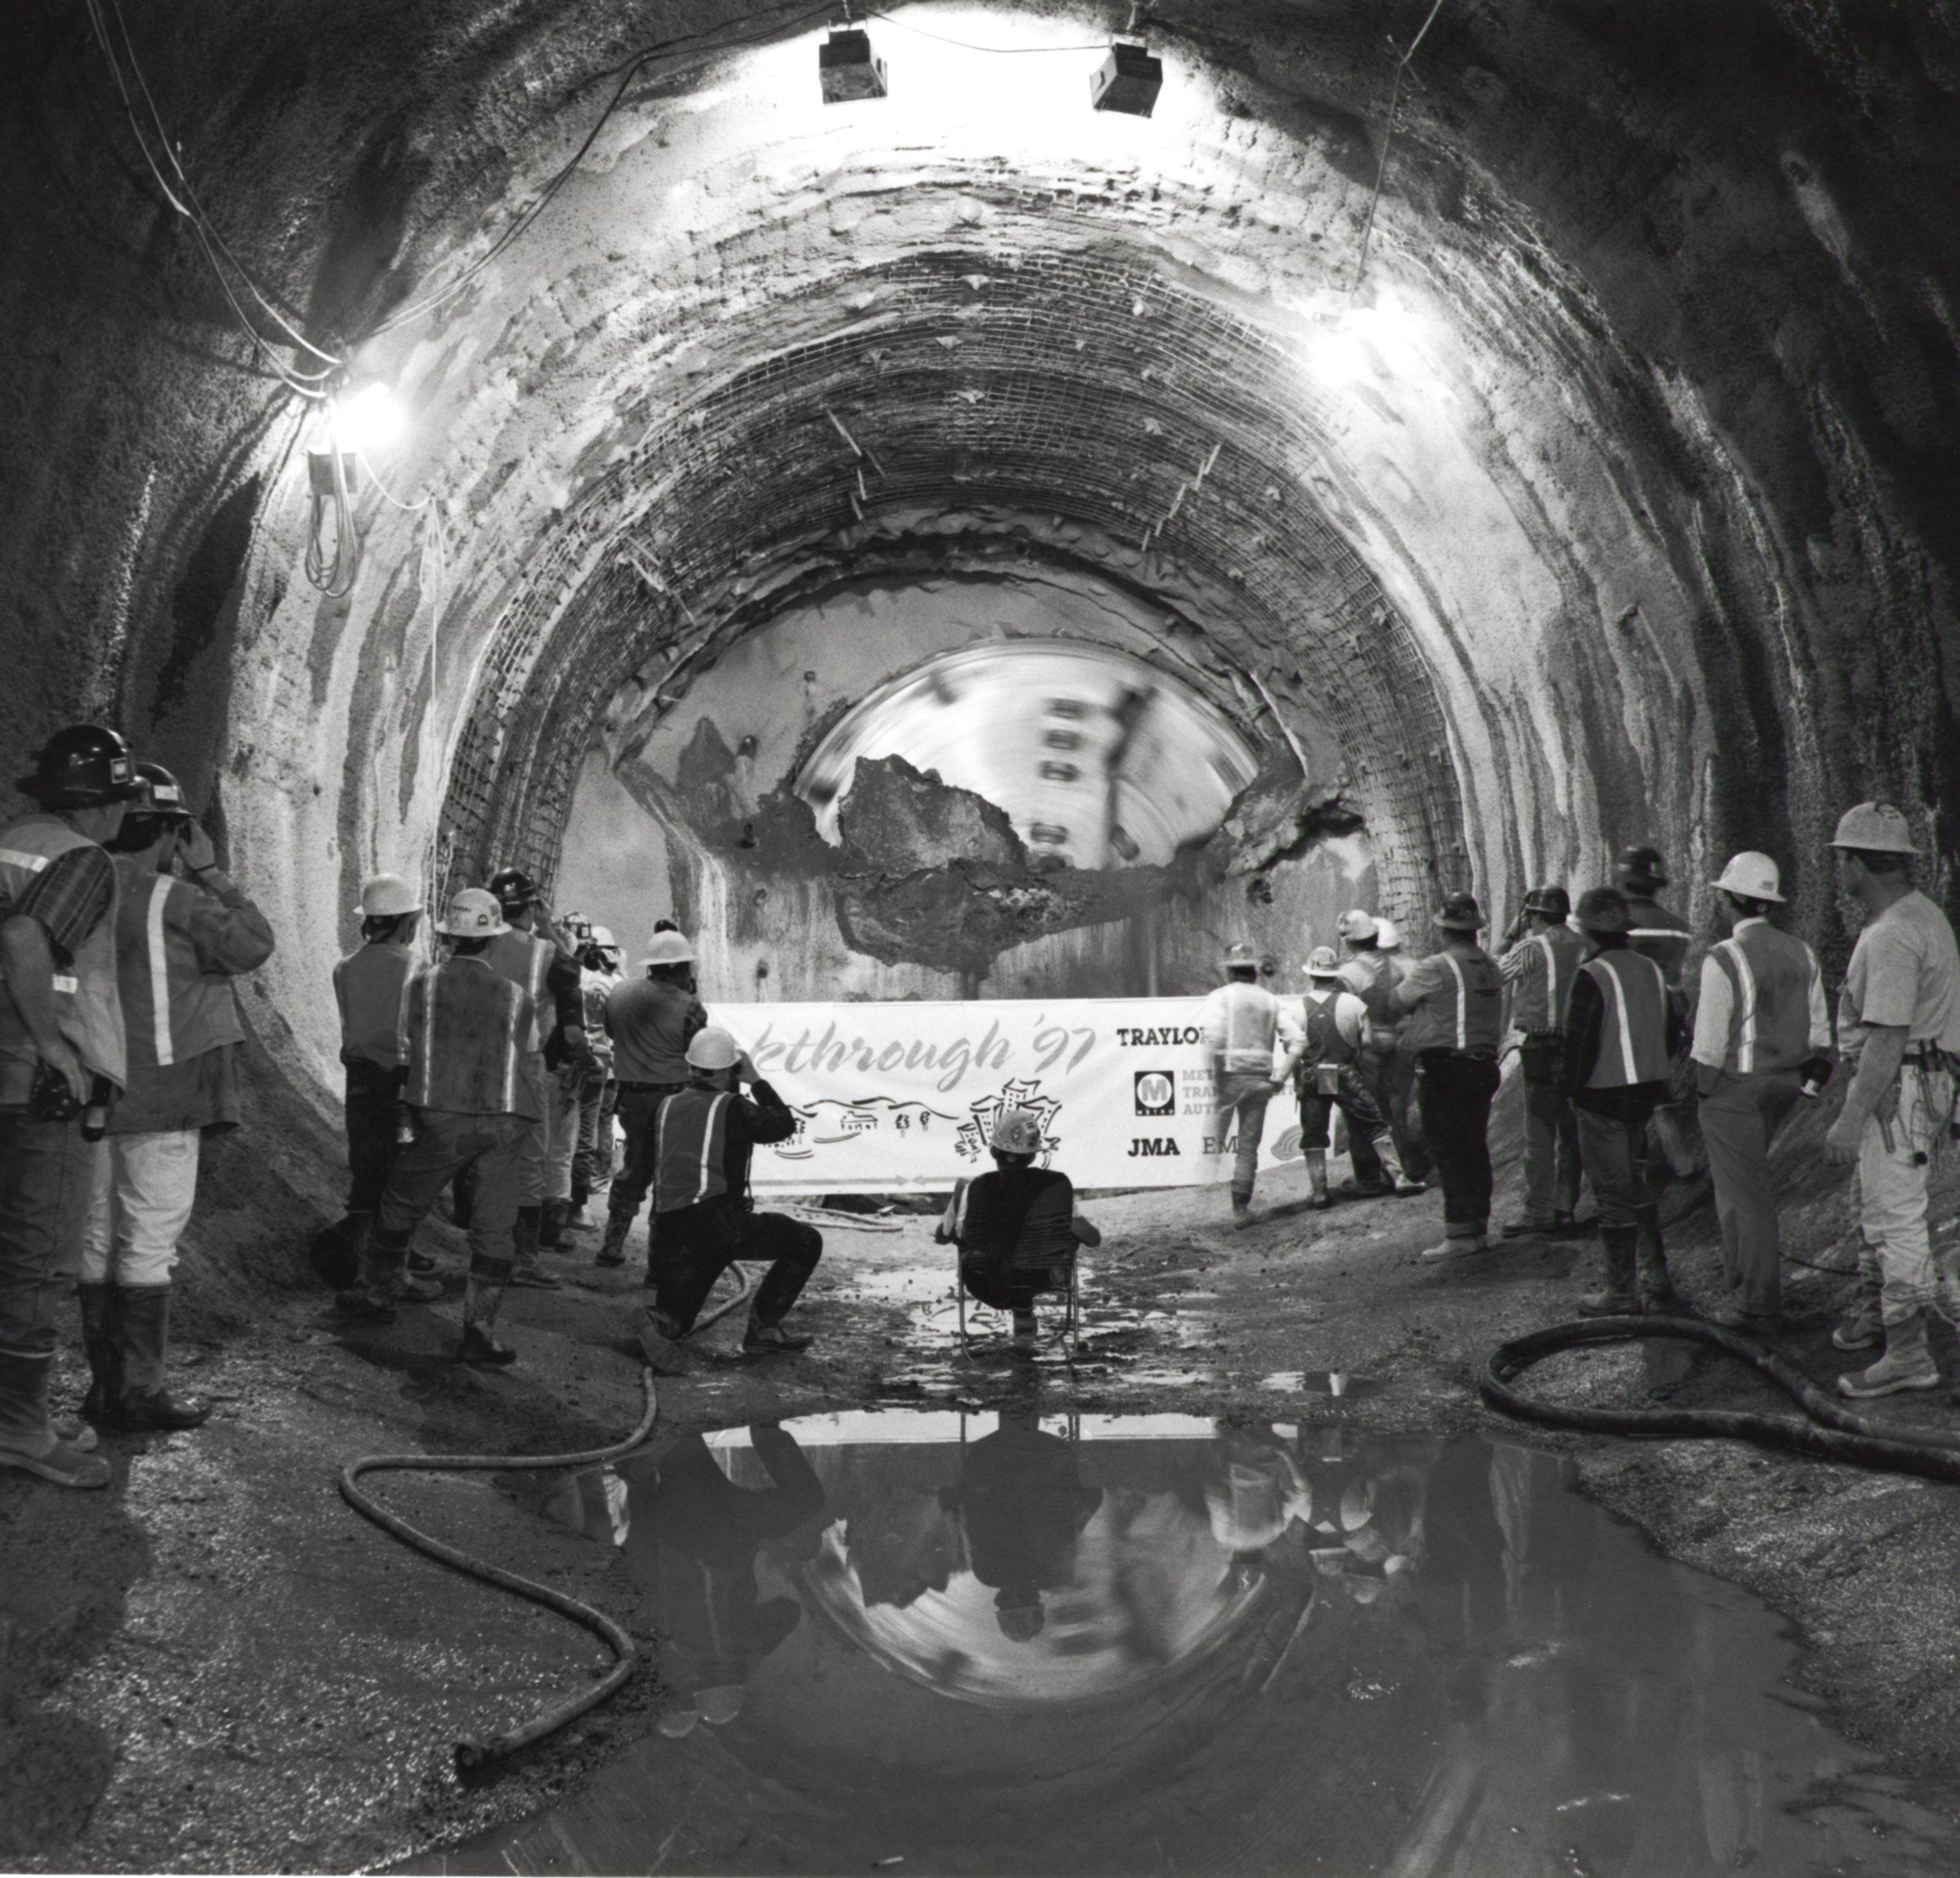 Tunnel Hole Thru Celebration - Hollywood CA 1997